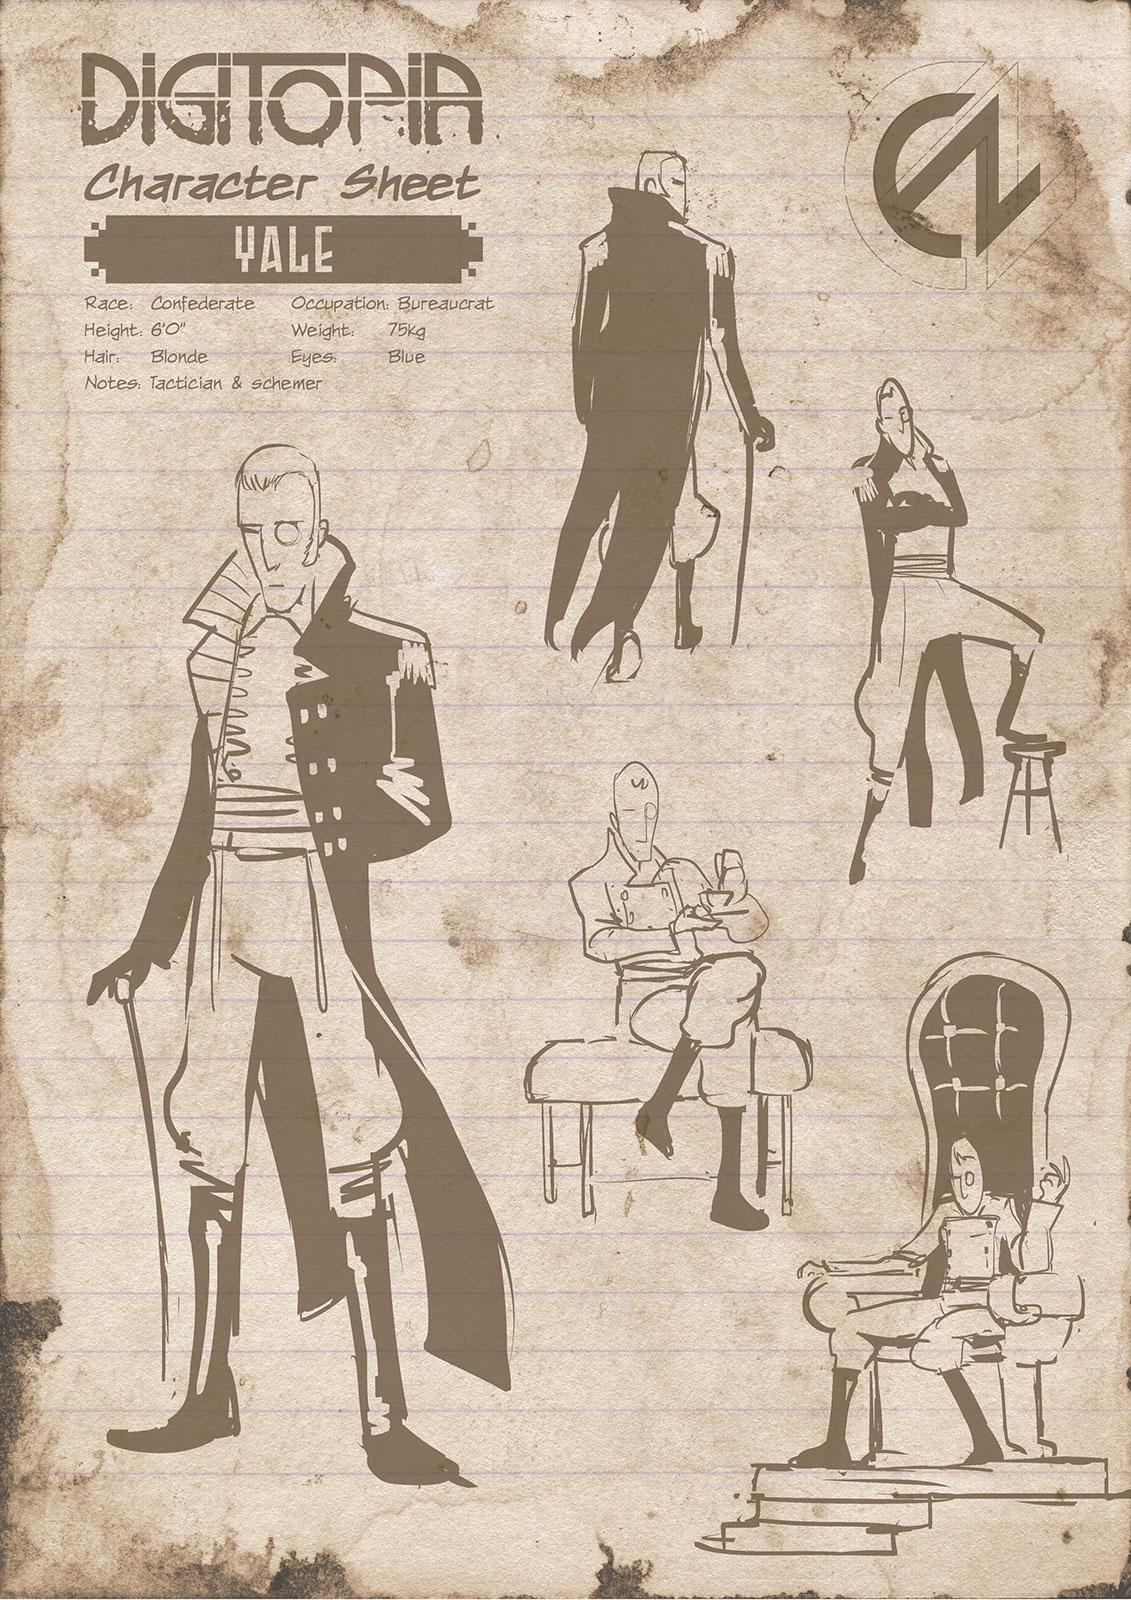 Digitopia-Character-Sheet-05-Yale